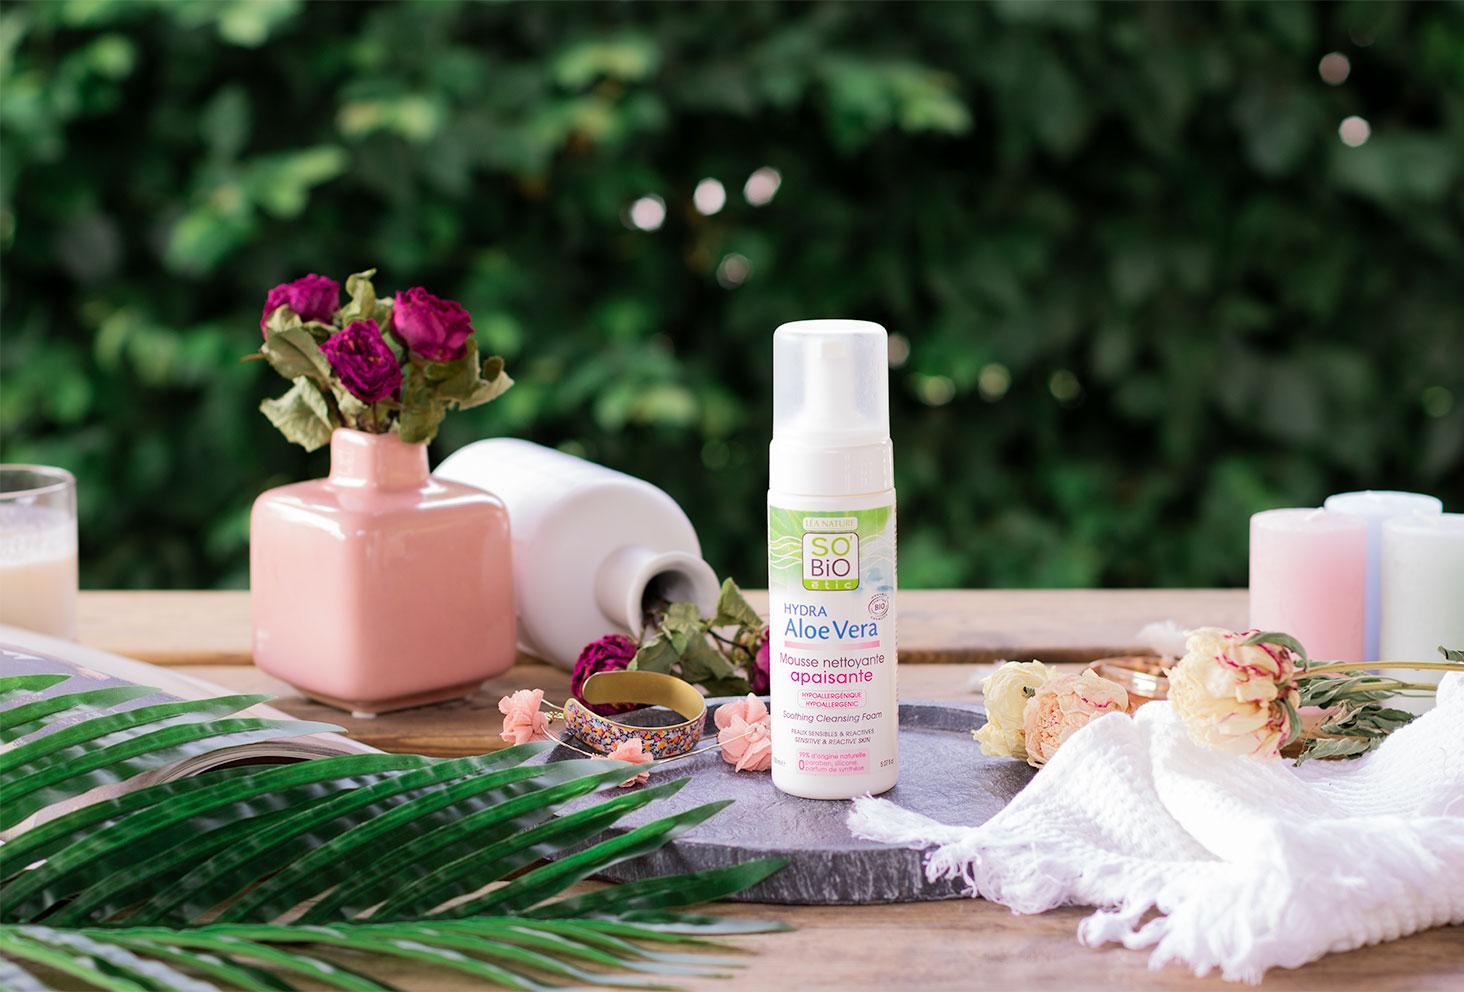 La mousse nettoyante apaisante de SO'BiO étic posé sur une plaque d'ardoise sur une table en bois, au milieu d'un décor de salle de bain, fleurs séchées et bougies vertes et roses